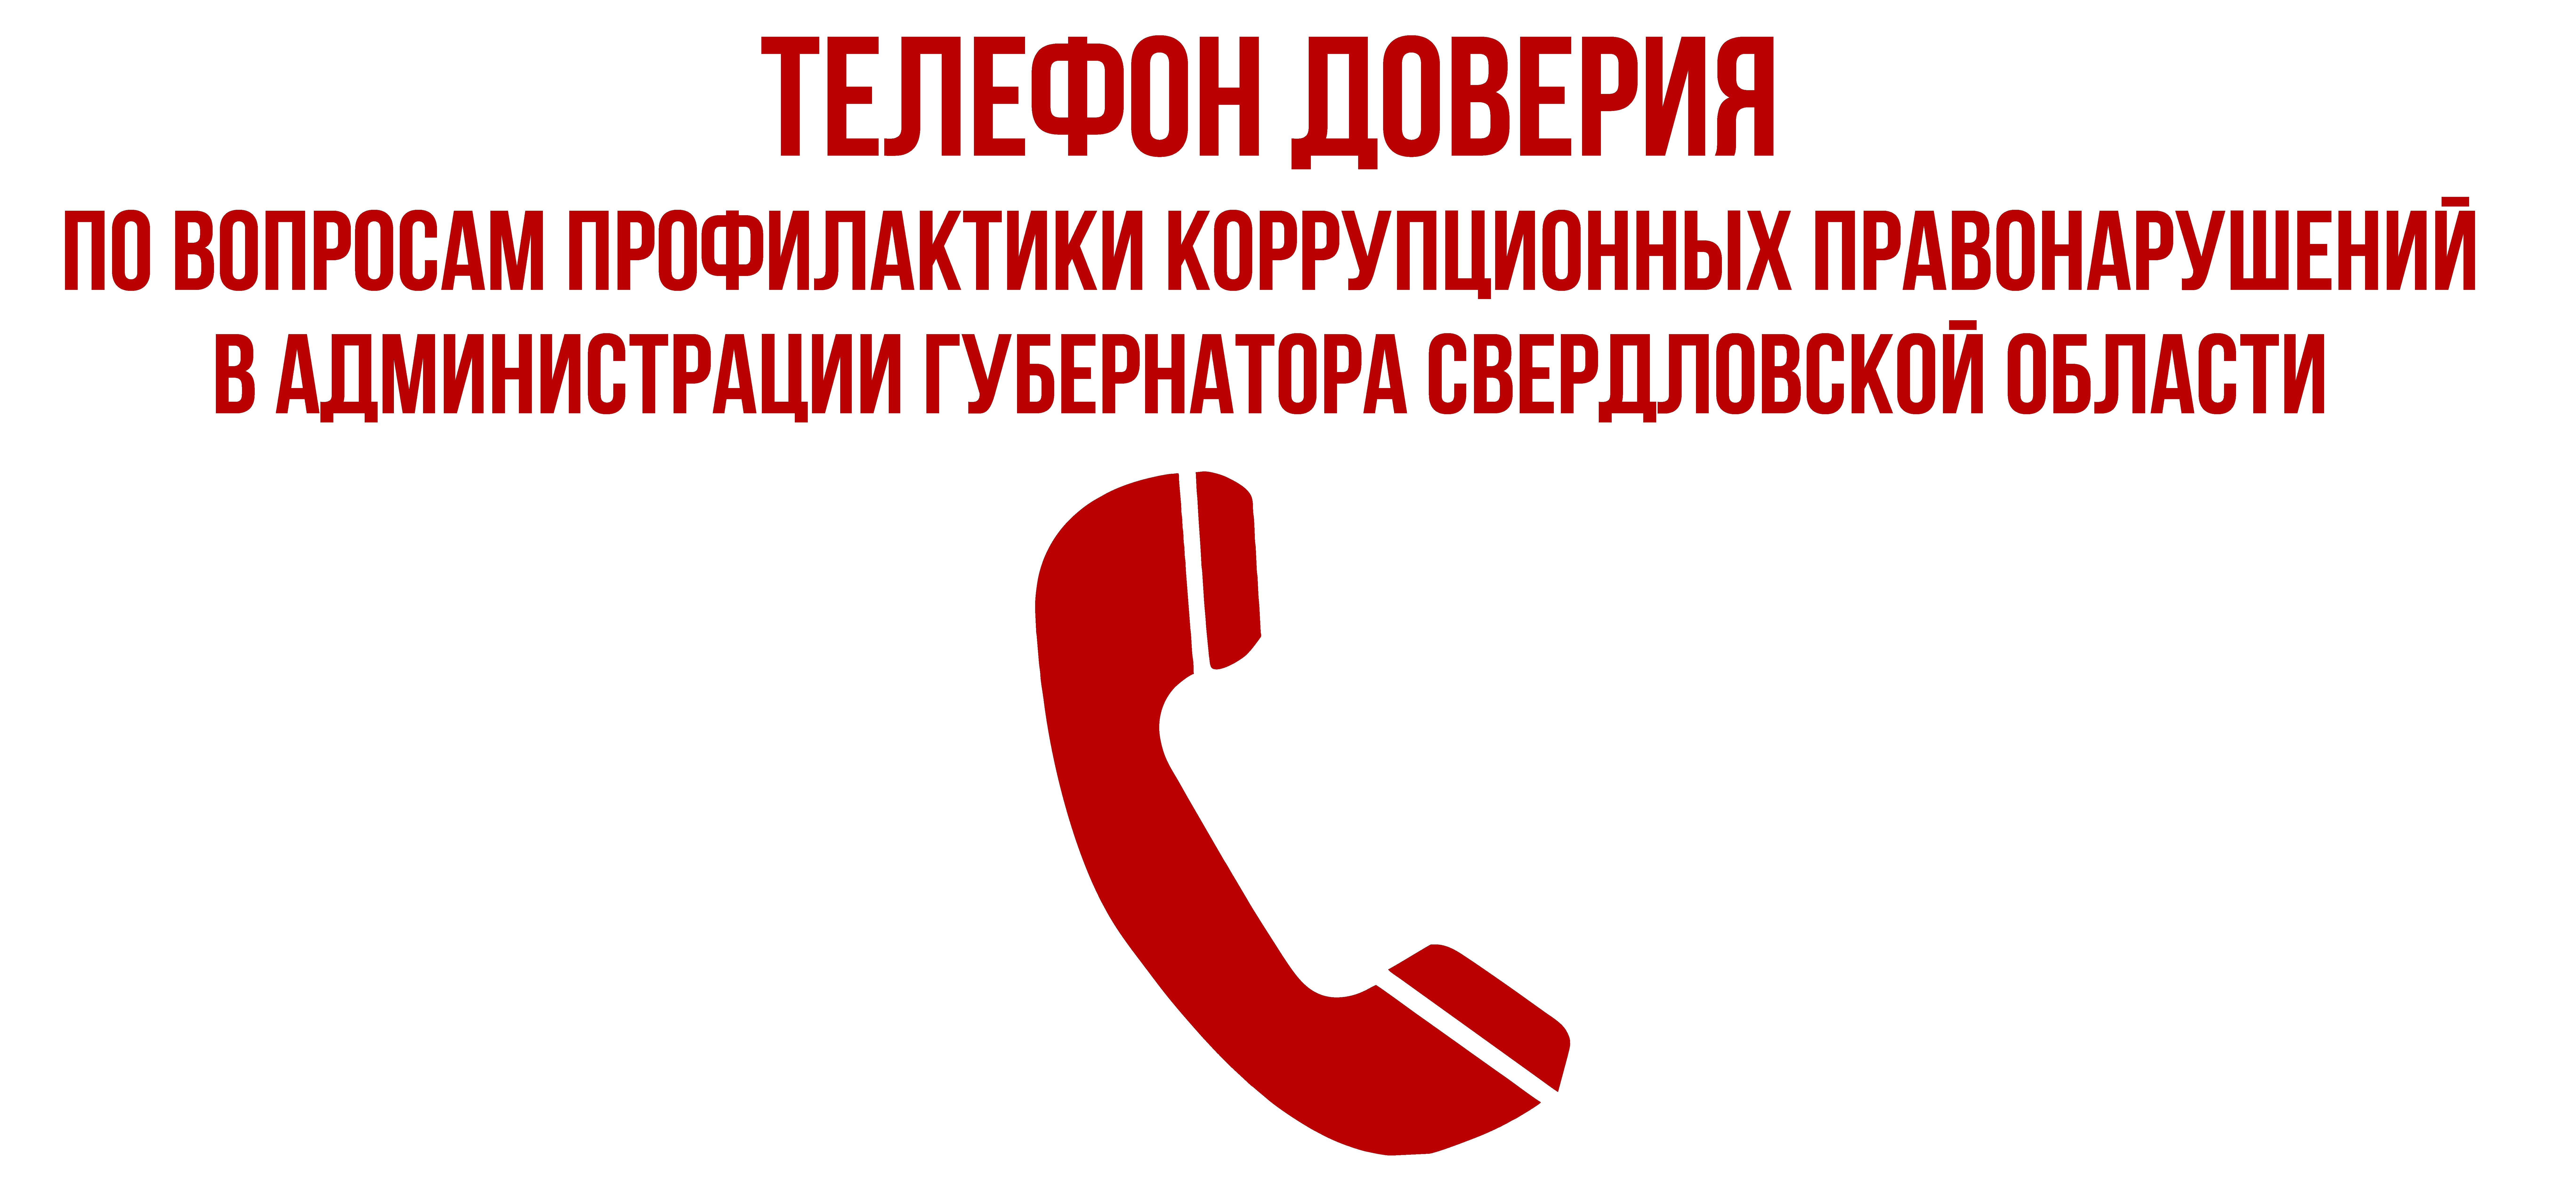 Телефон доверия по вопросам профилактики коррупционных правонарушений в Администрации Губернатора Свердловской области